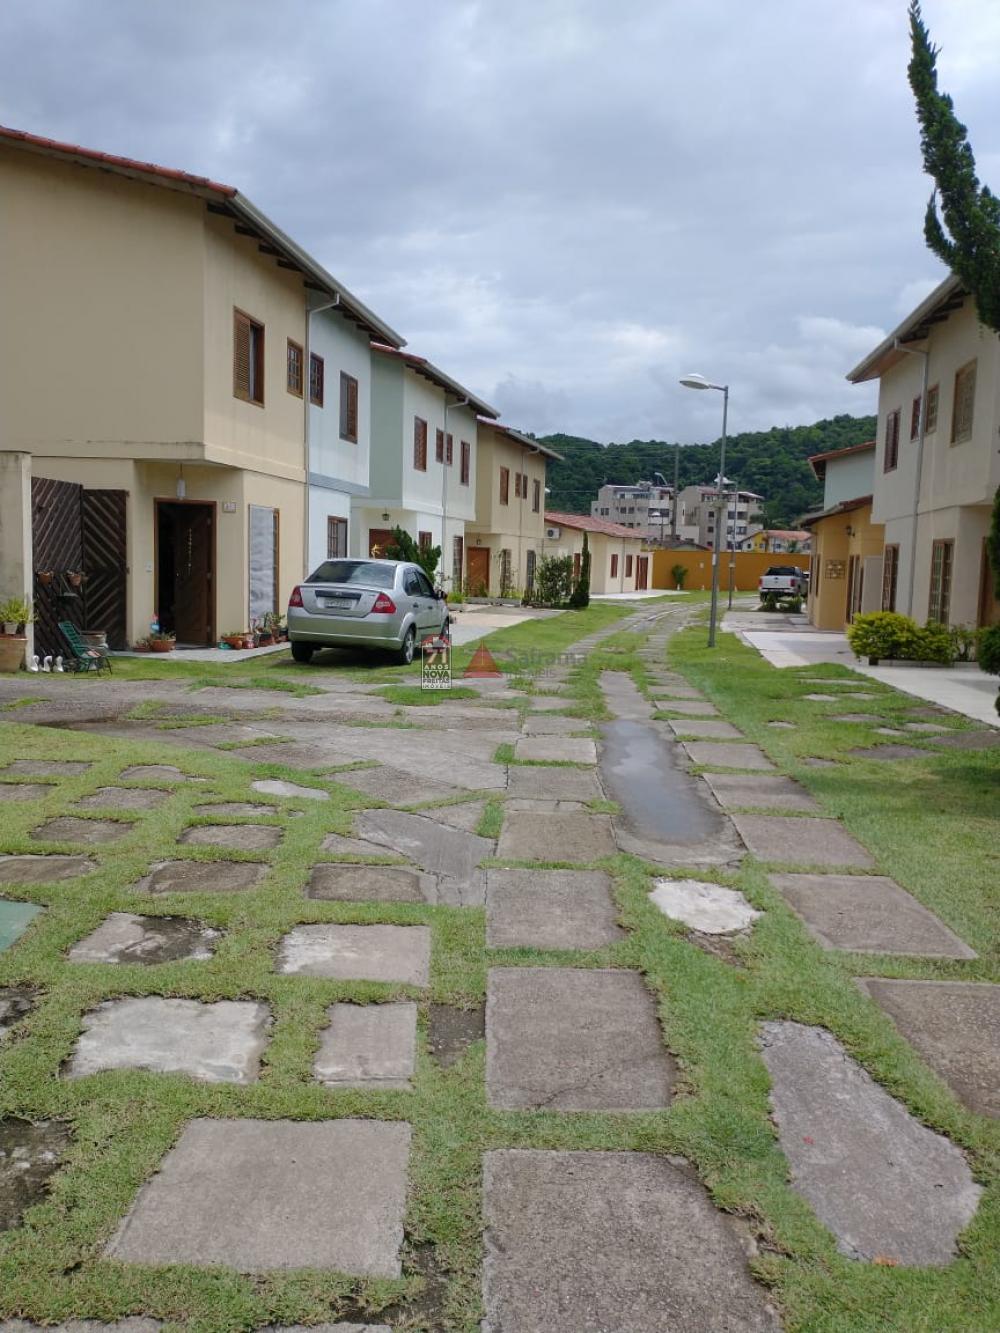 Comprar Casa / Condomínio em Caraguatatuba apenas R$ 340.000,00 - Foto 28